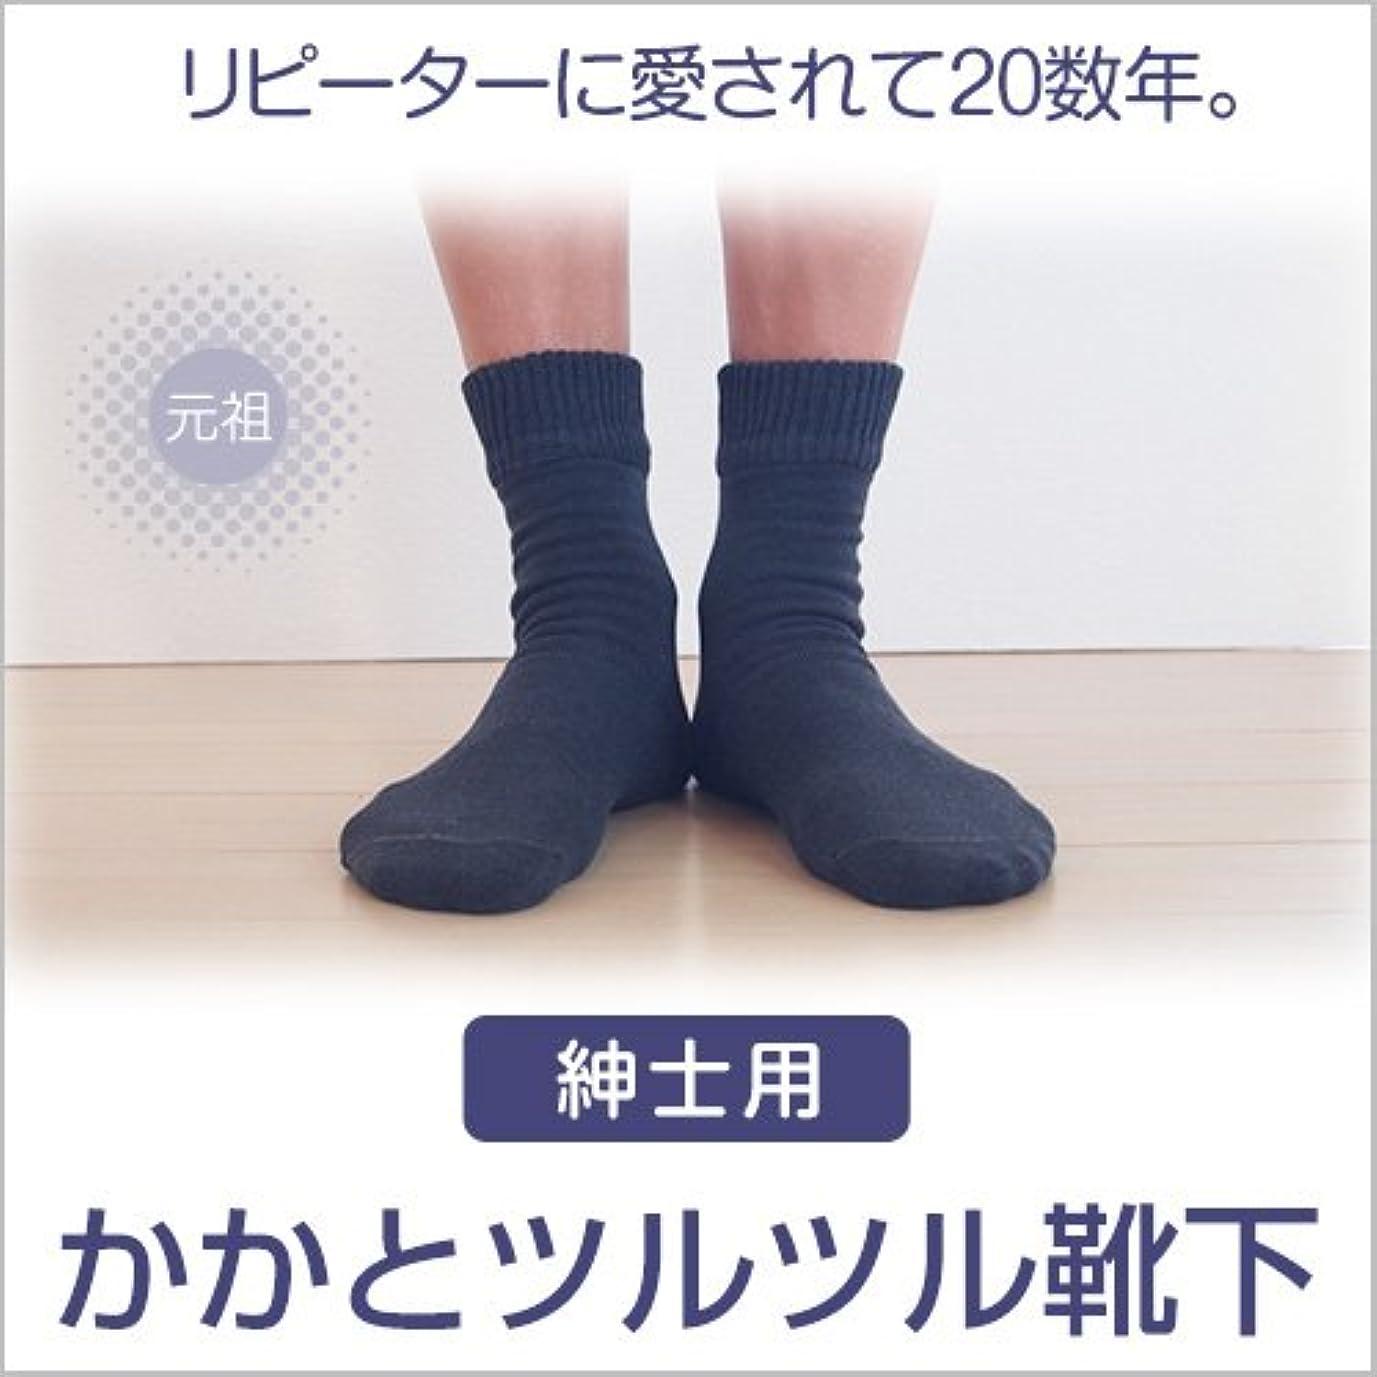 意志日焼けトライアスロン男性用 かかと ツルツル 靴下 ブラック 24-26cm 角質 ケア ひび割れ対策 太陽ニット 700